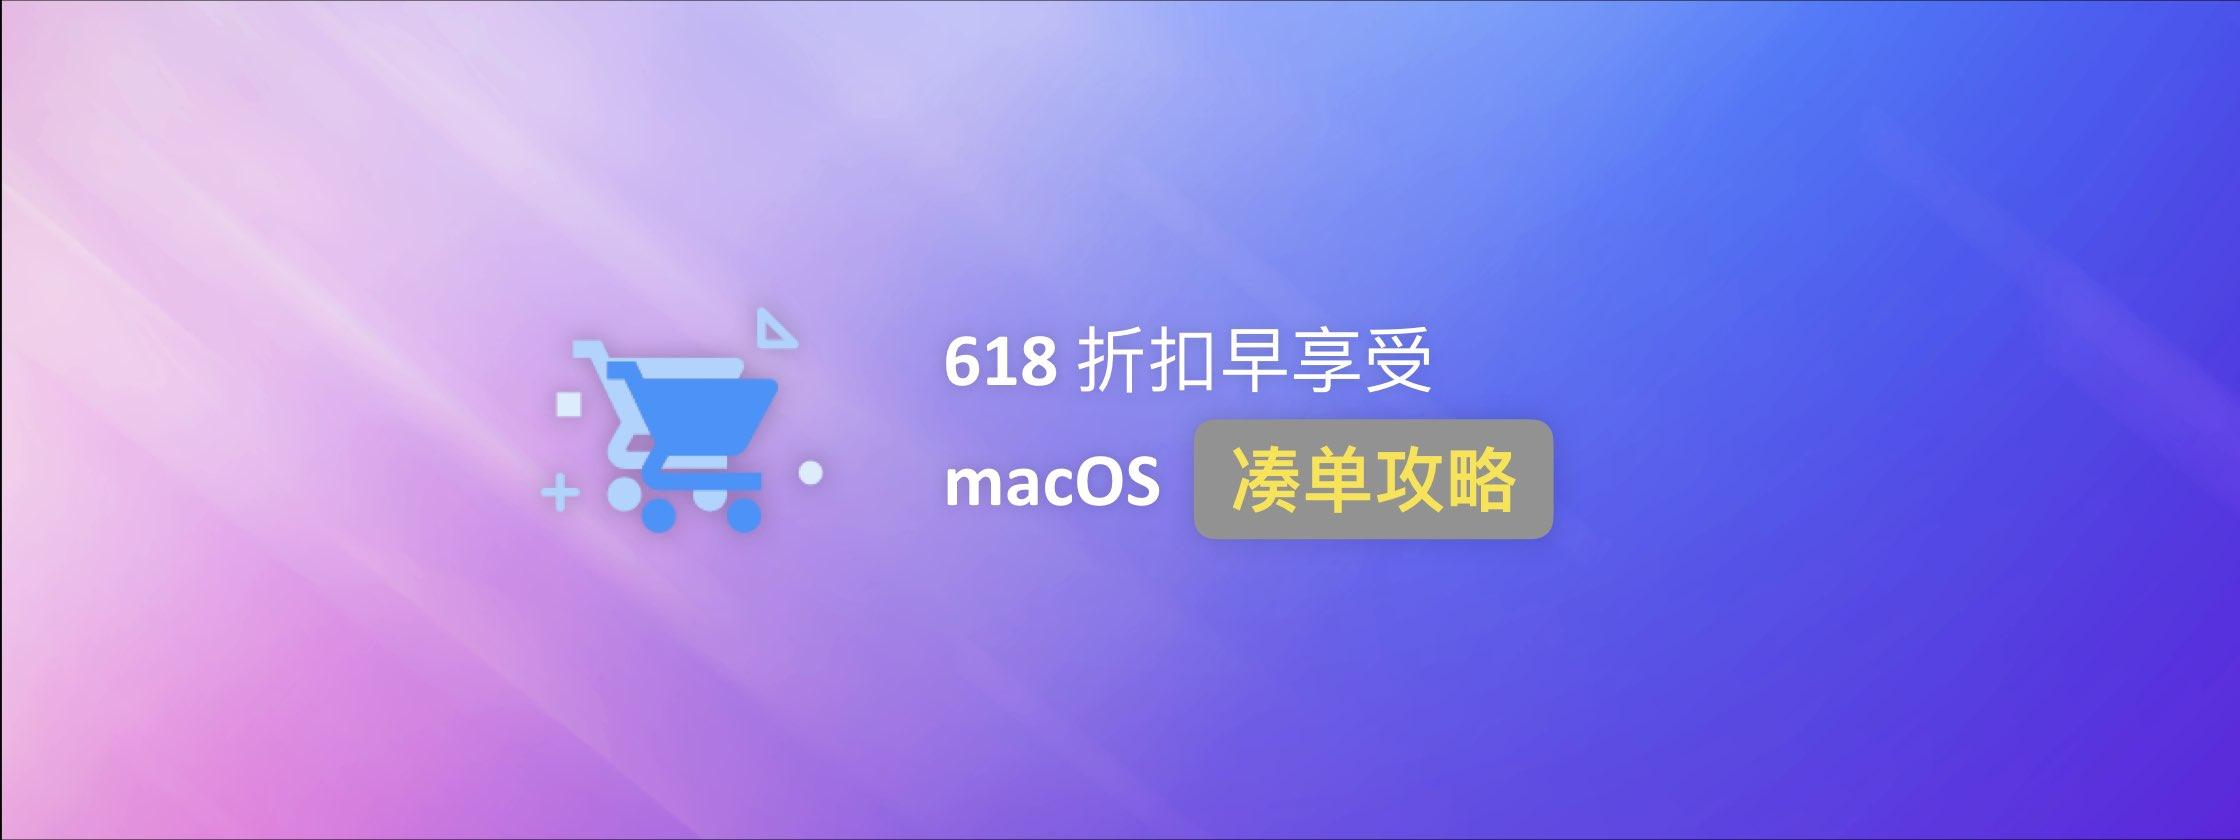 618 折扣早享受 | macOS 凑单攻略